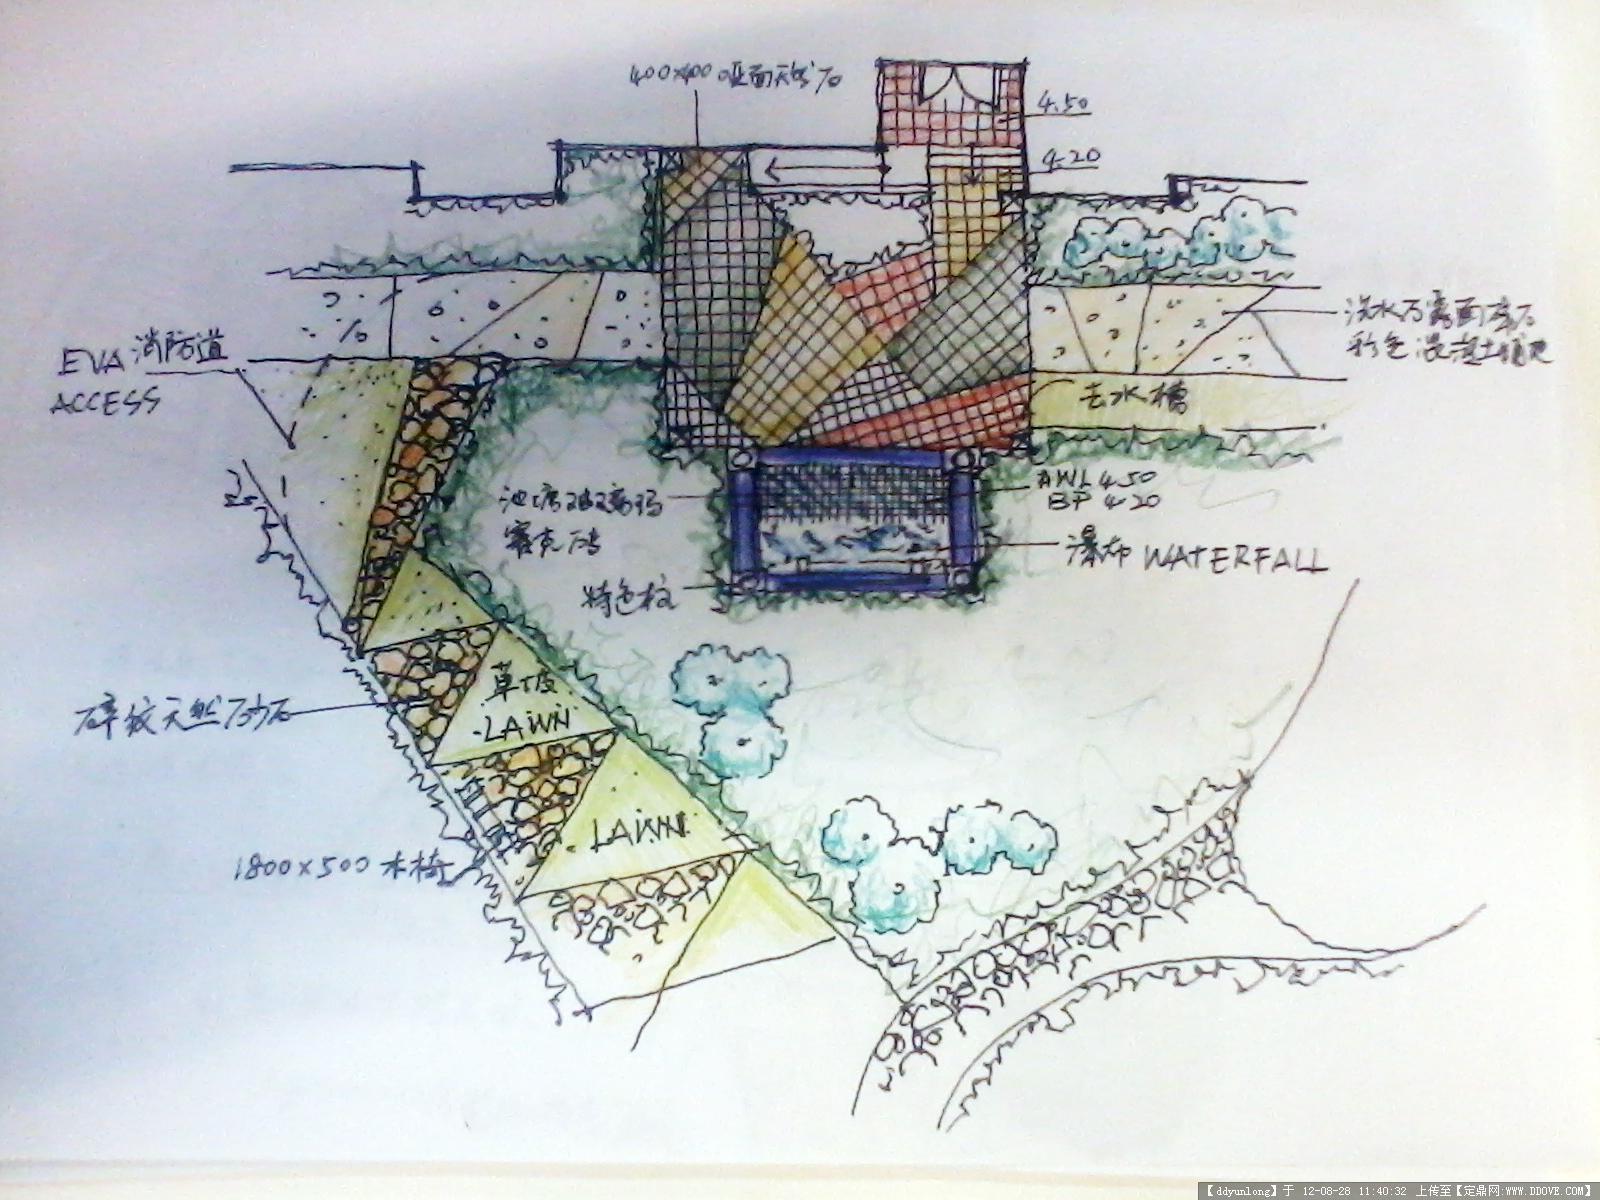 手绘平面图铺装大样的图片浏览,园林节点扩初,地面,.